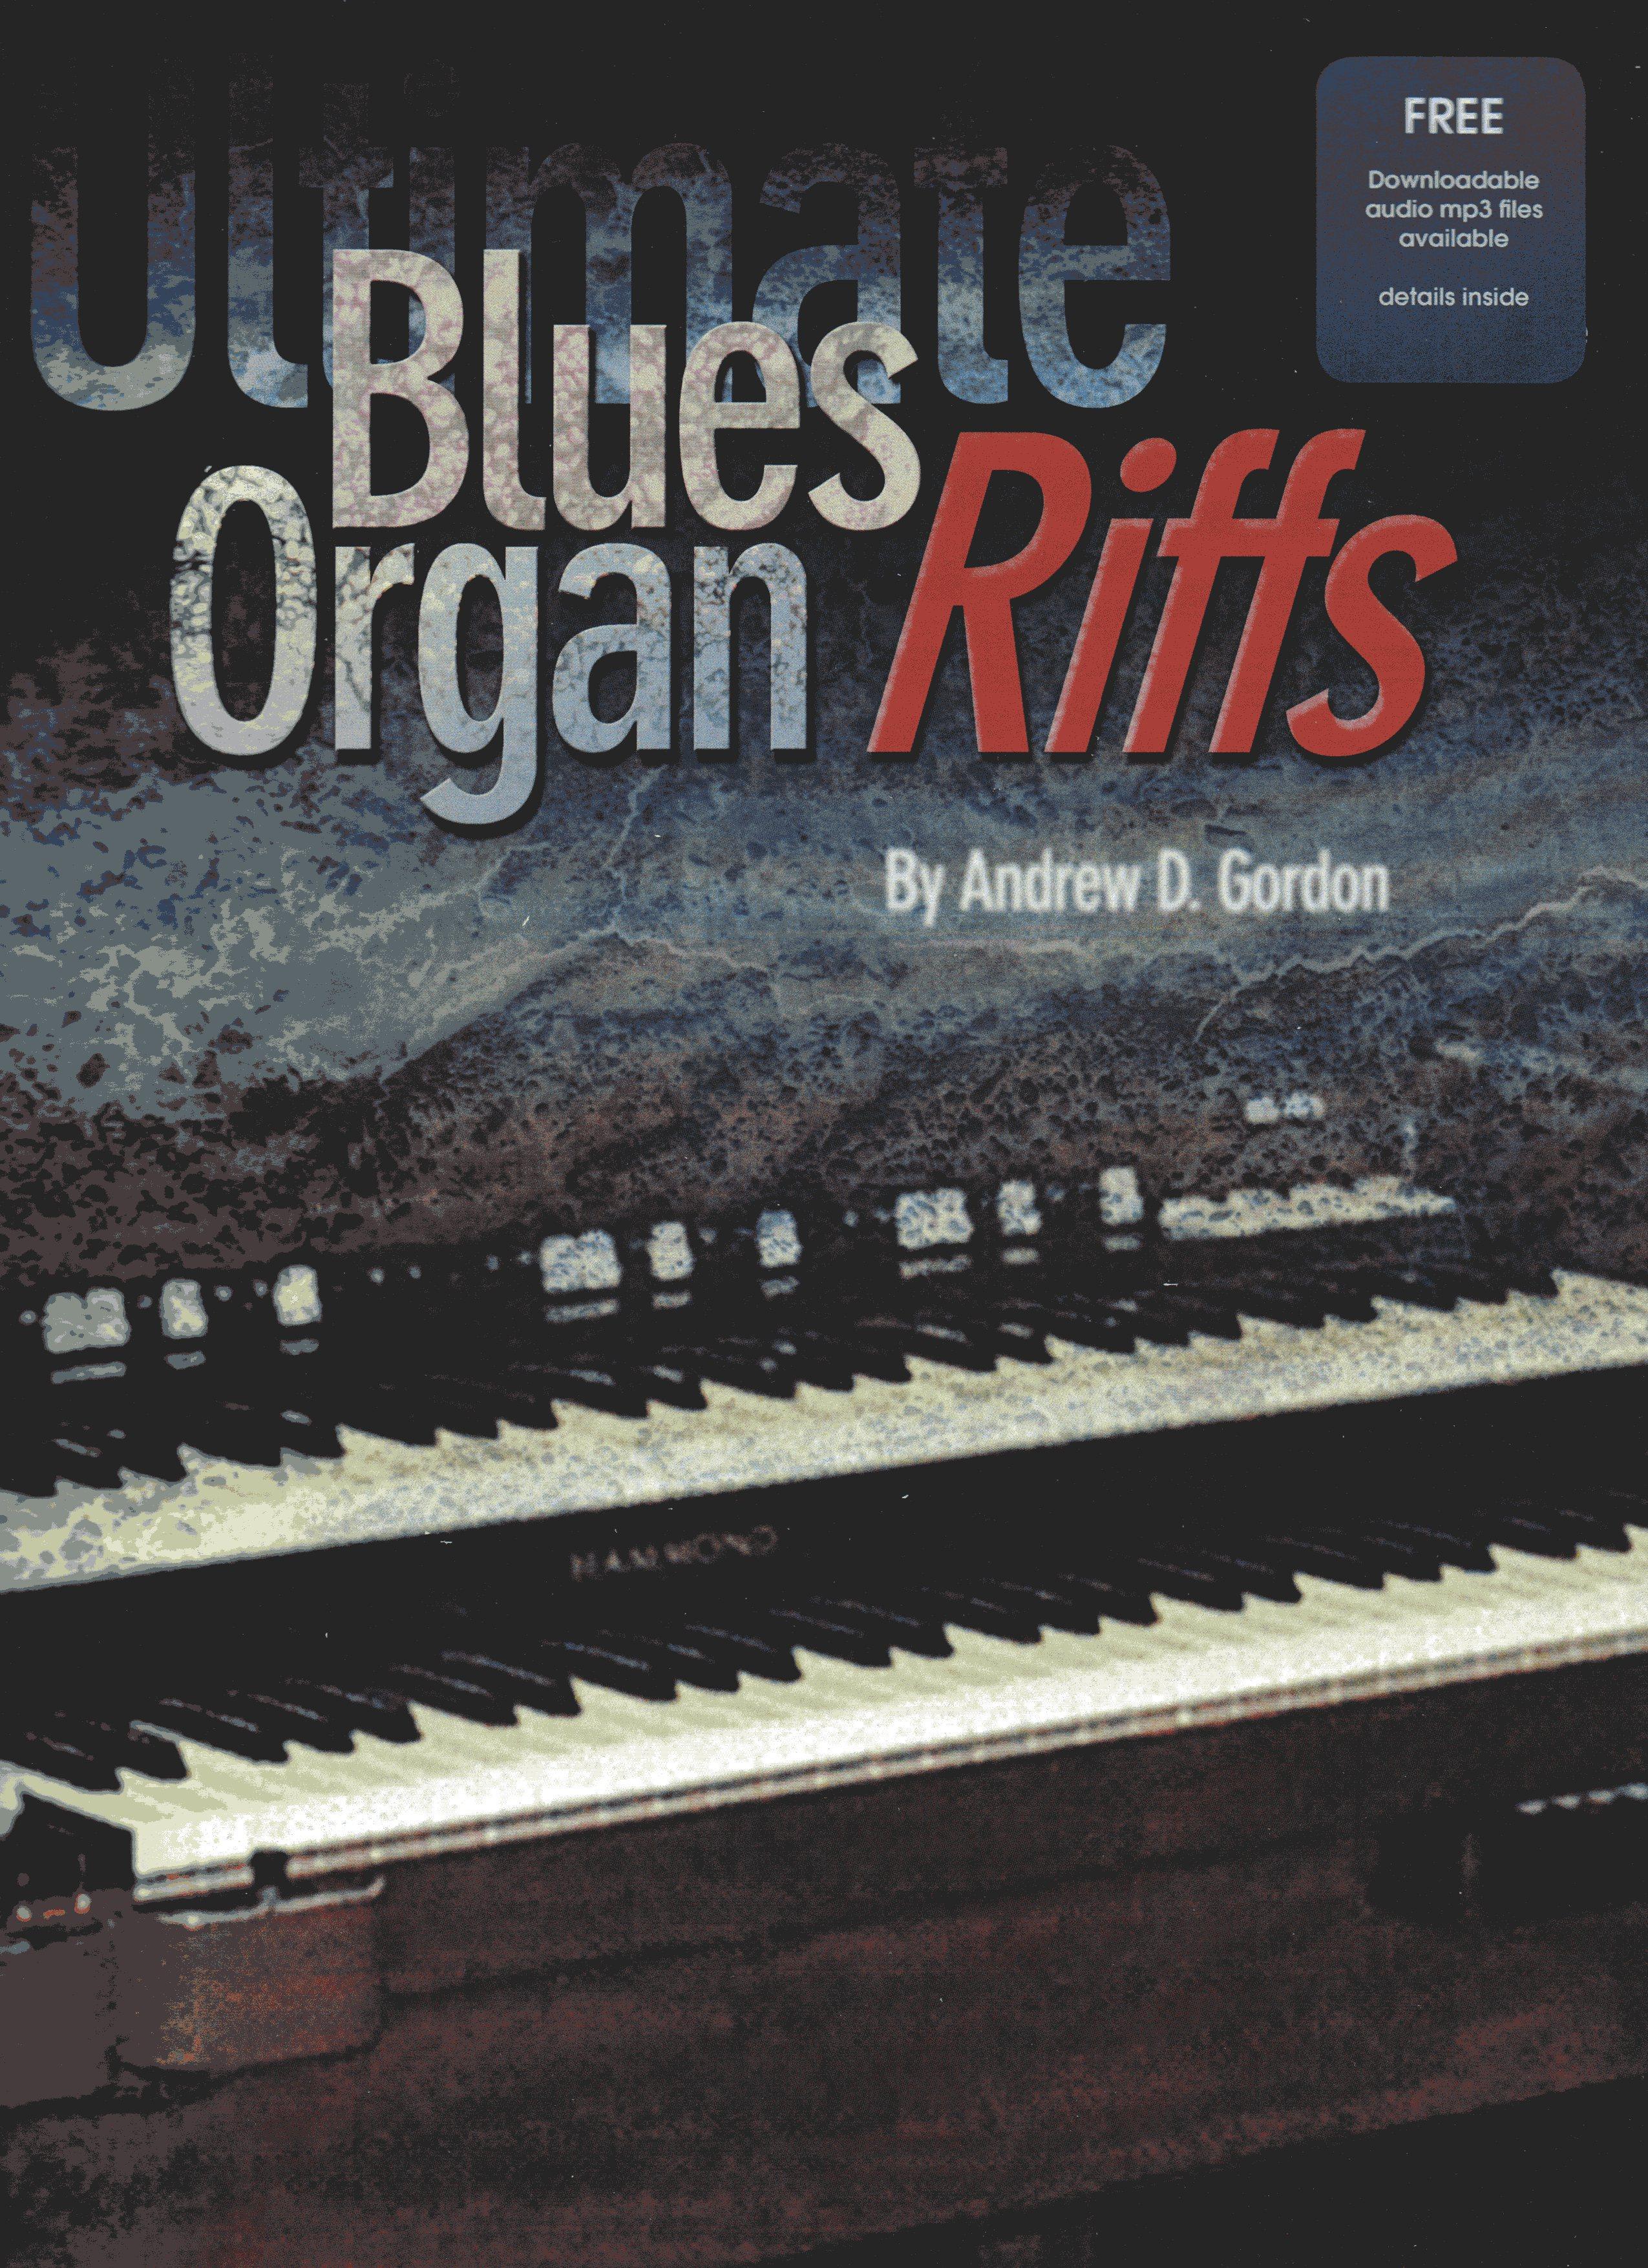 Andrew D. Gordon: Ultimate Blues Organ Riffs: Organ: Instrumental Tutor